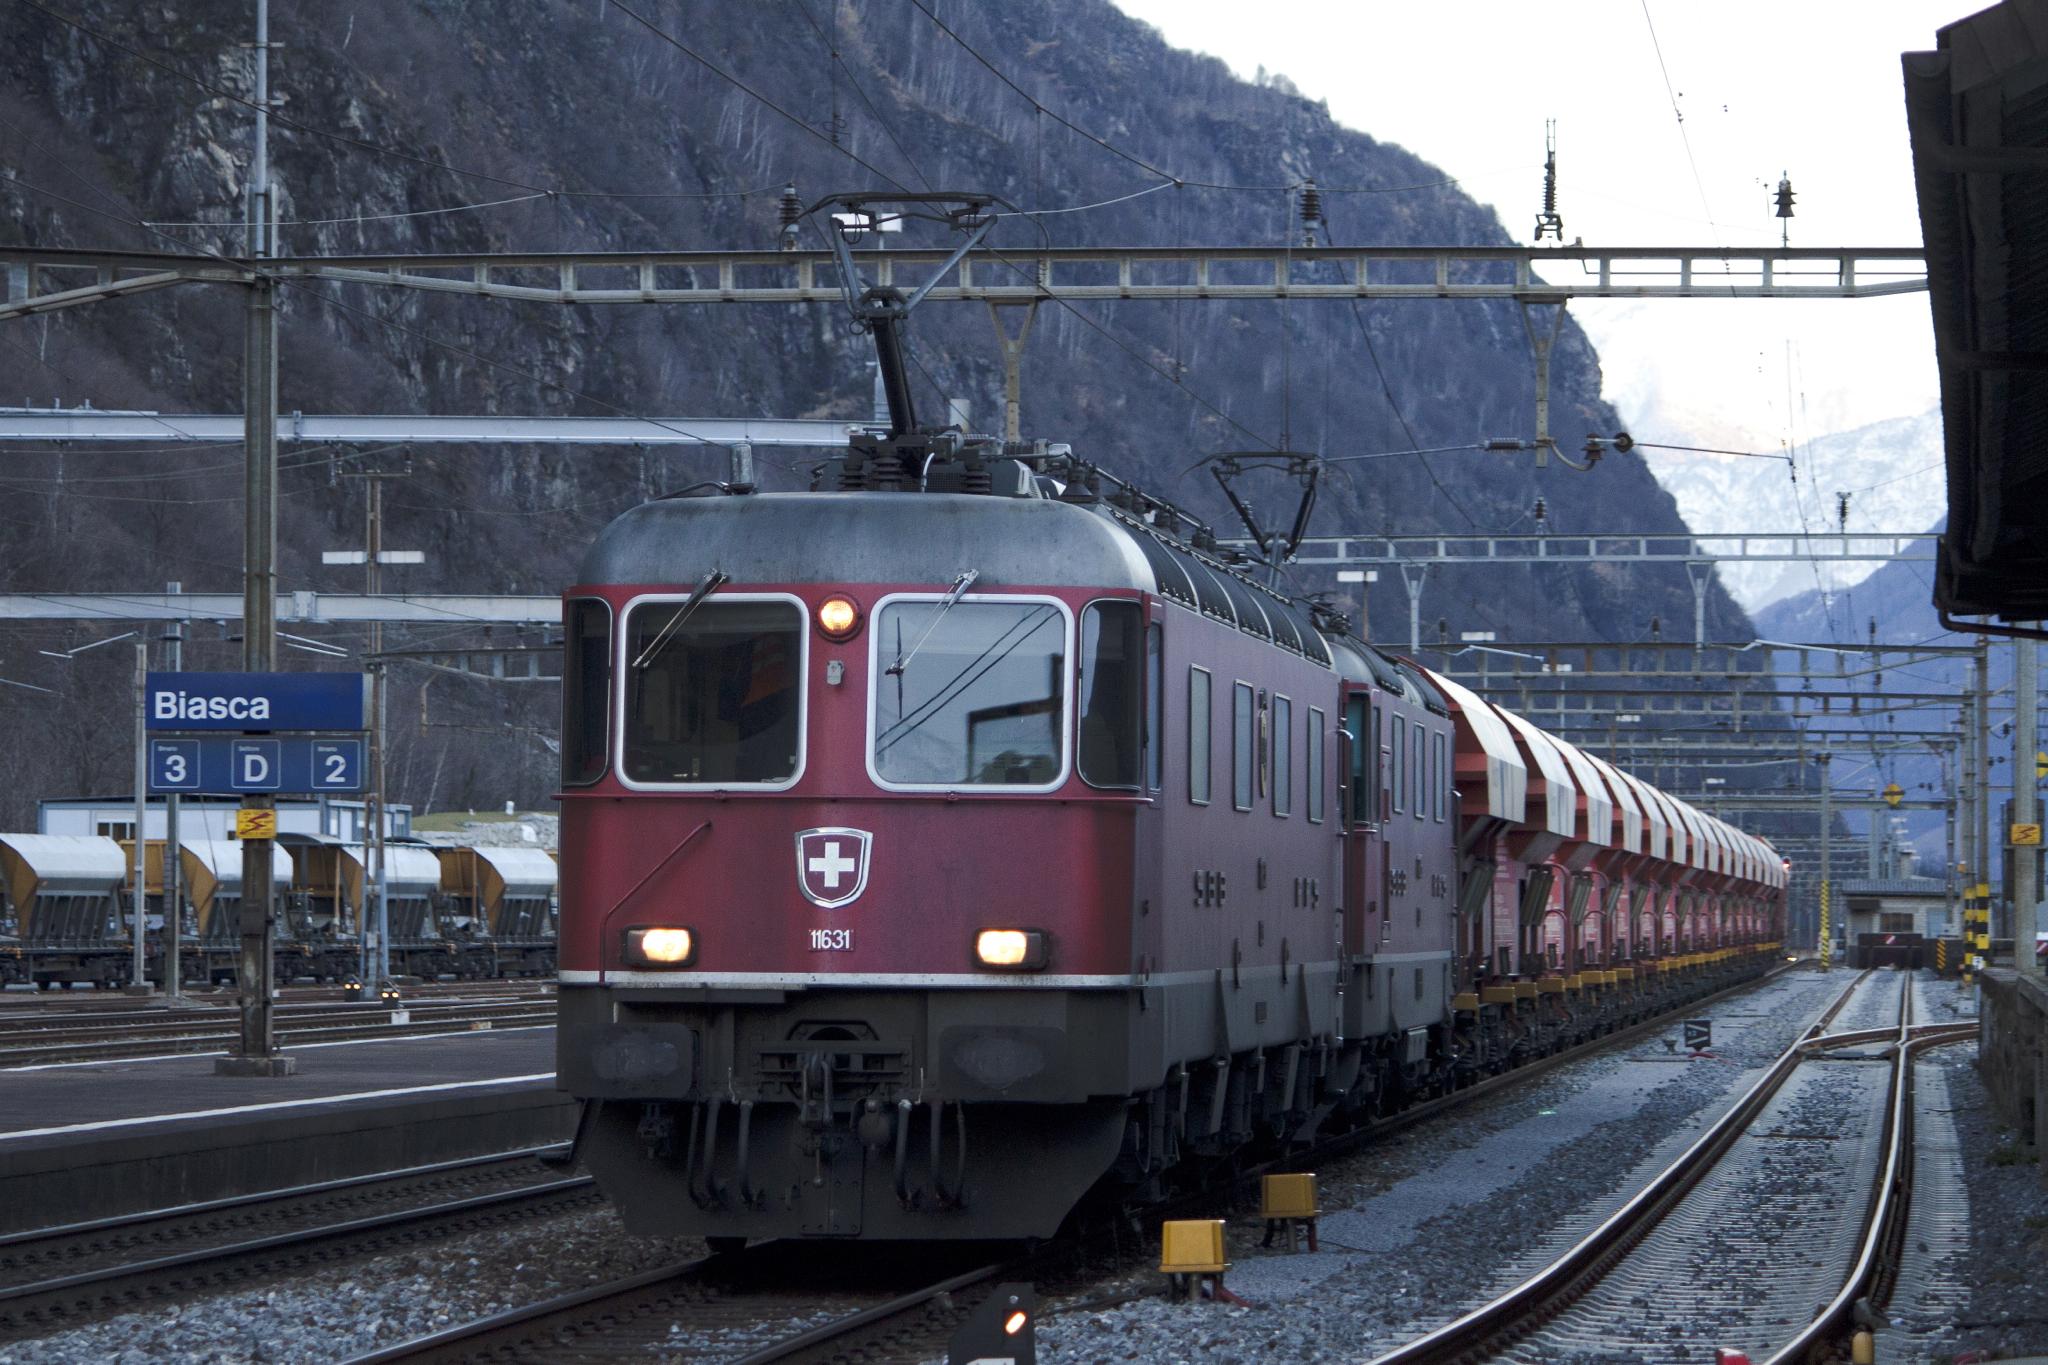 La ferrovia del futuro a Biasca